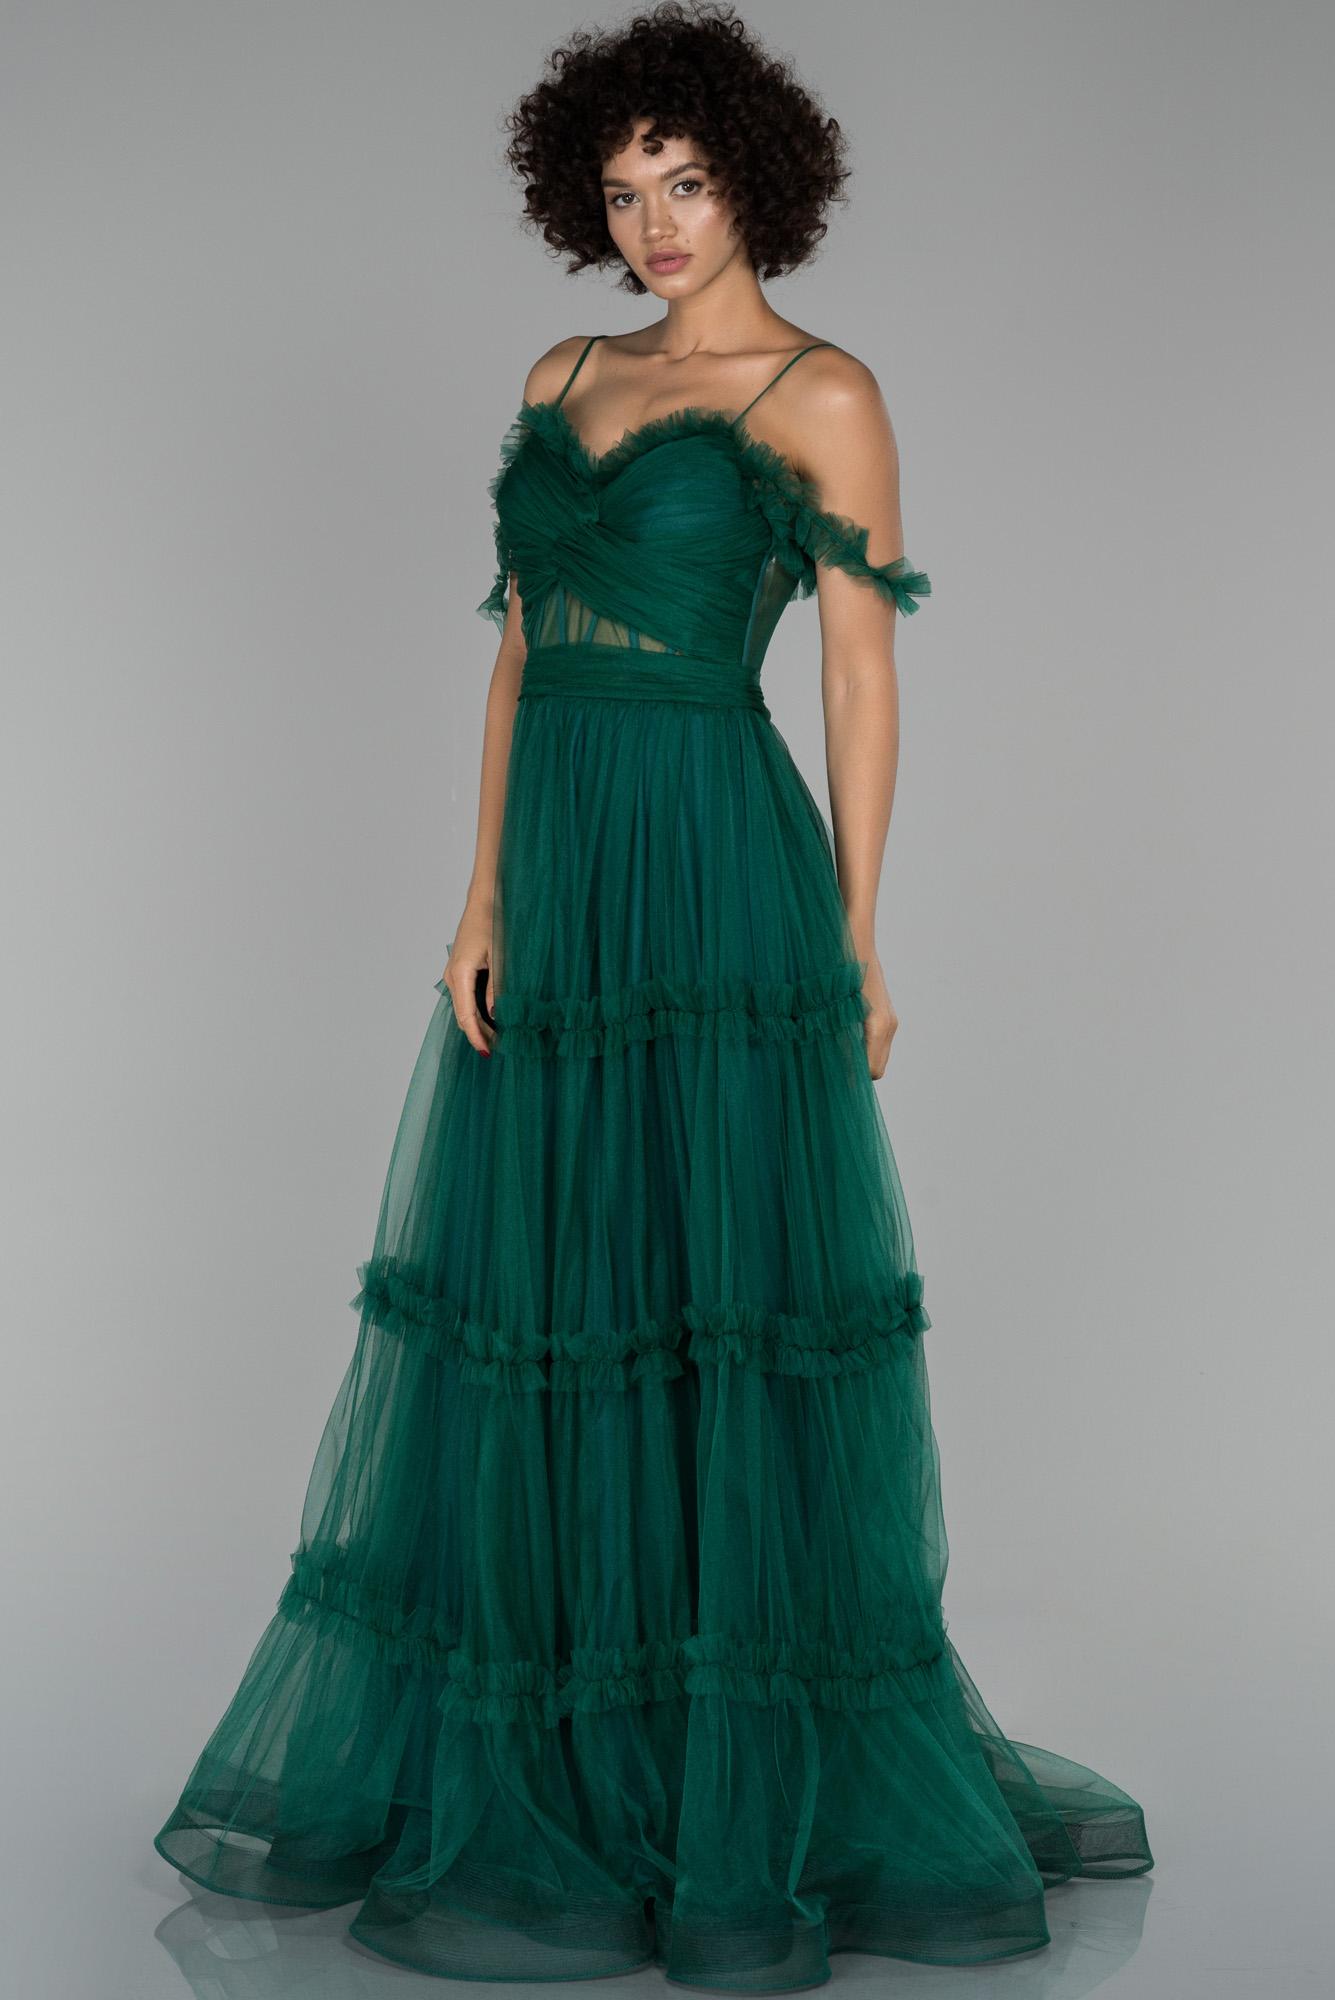 Zümrüt Yeşili Uzun Transparan Kol Detaylı Abiye Elbise